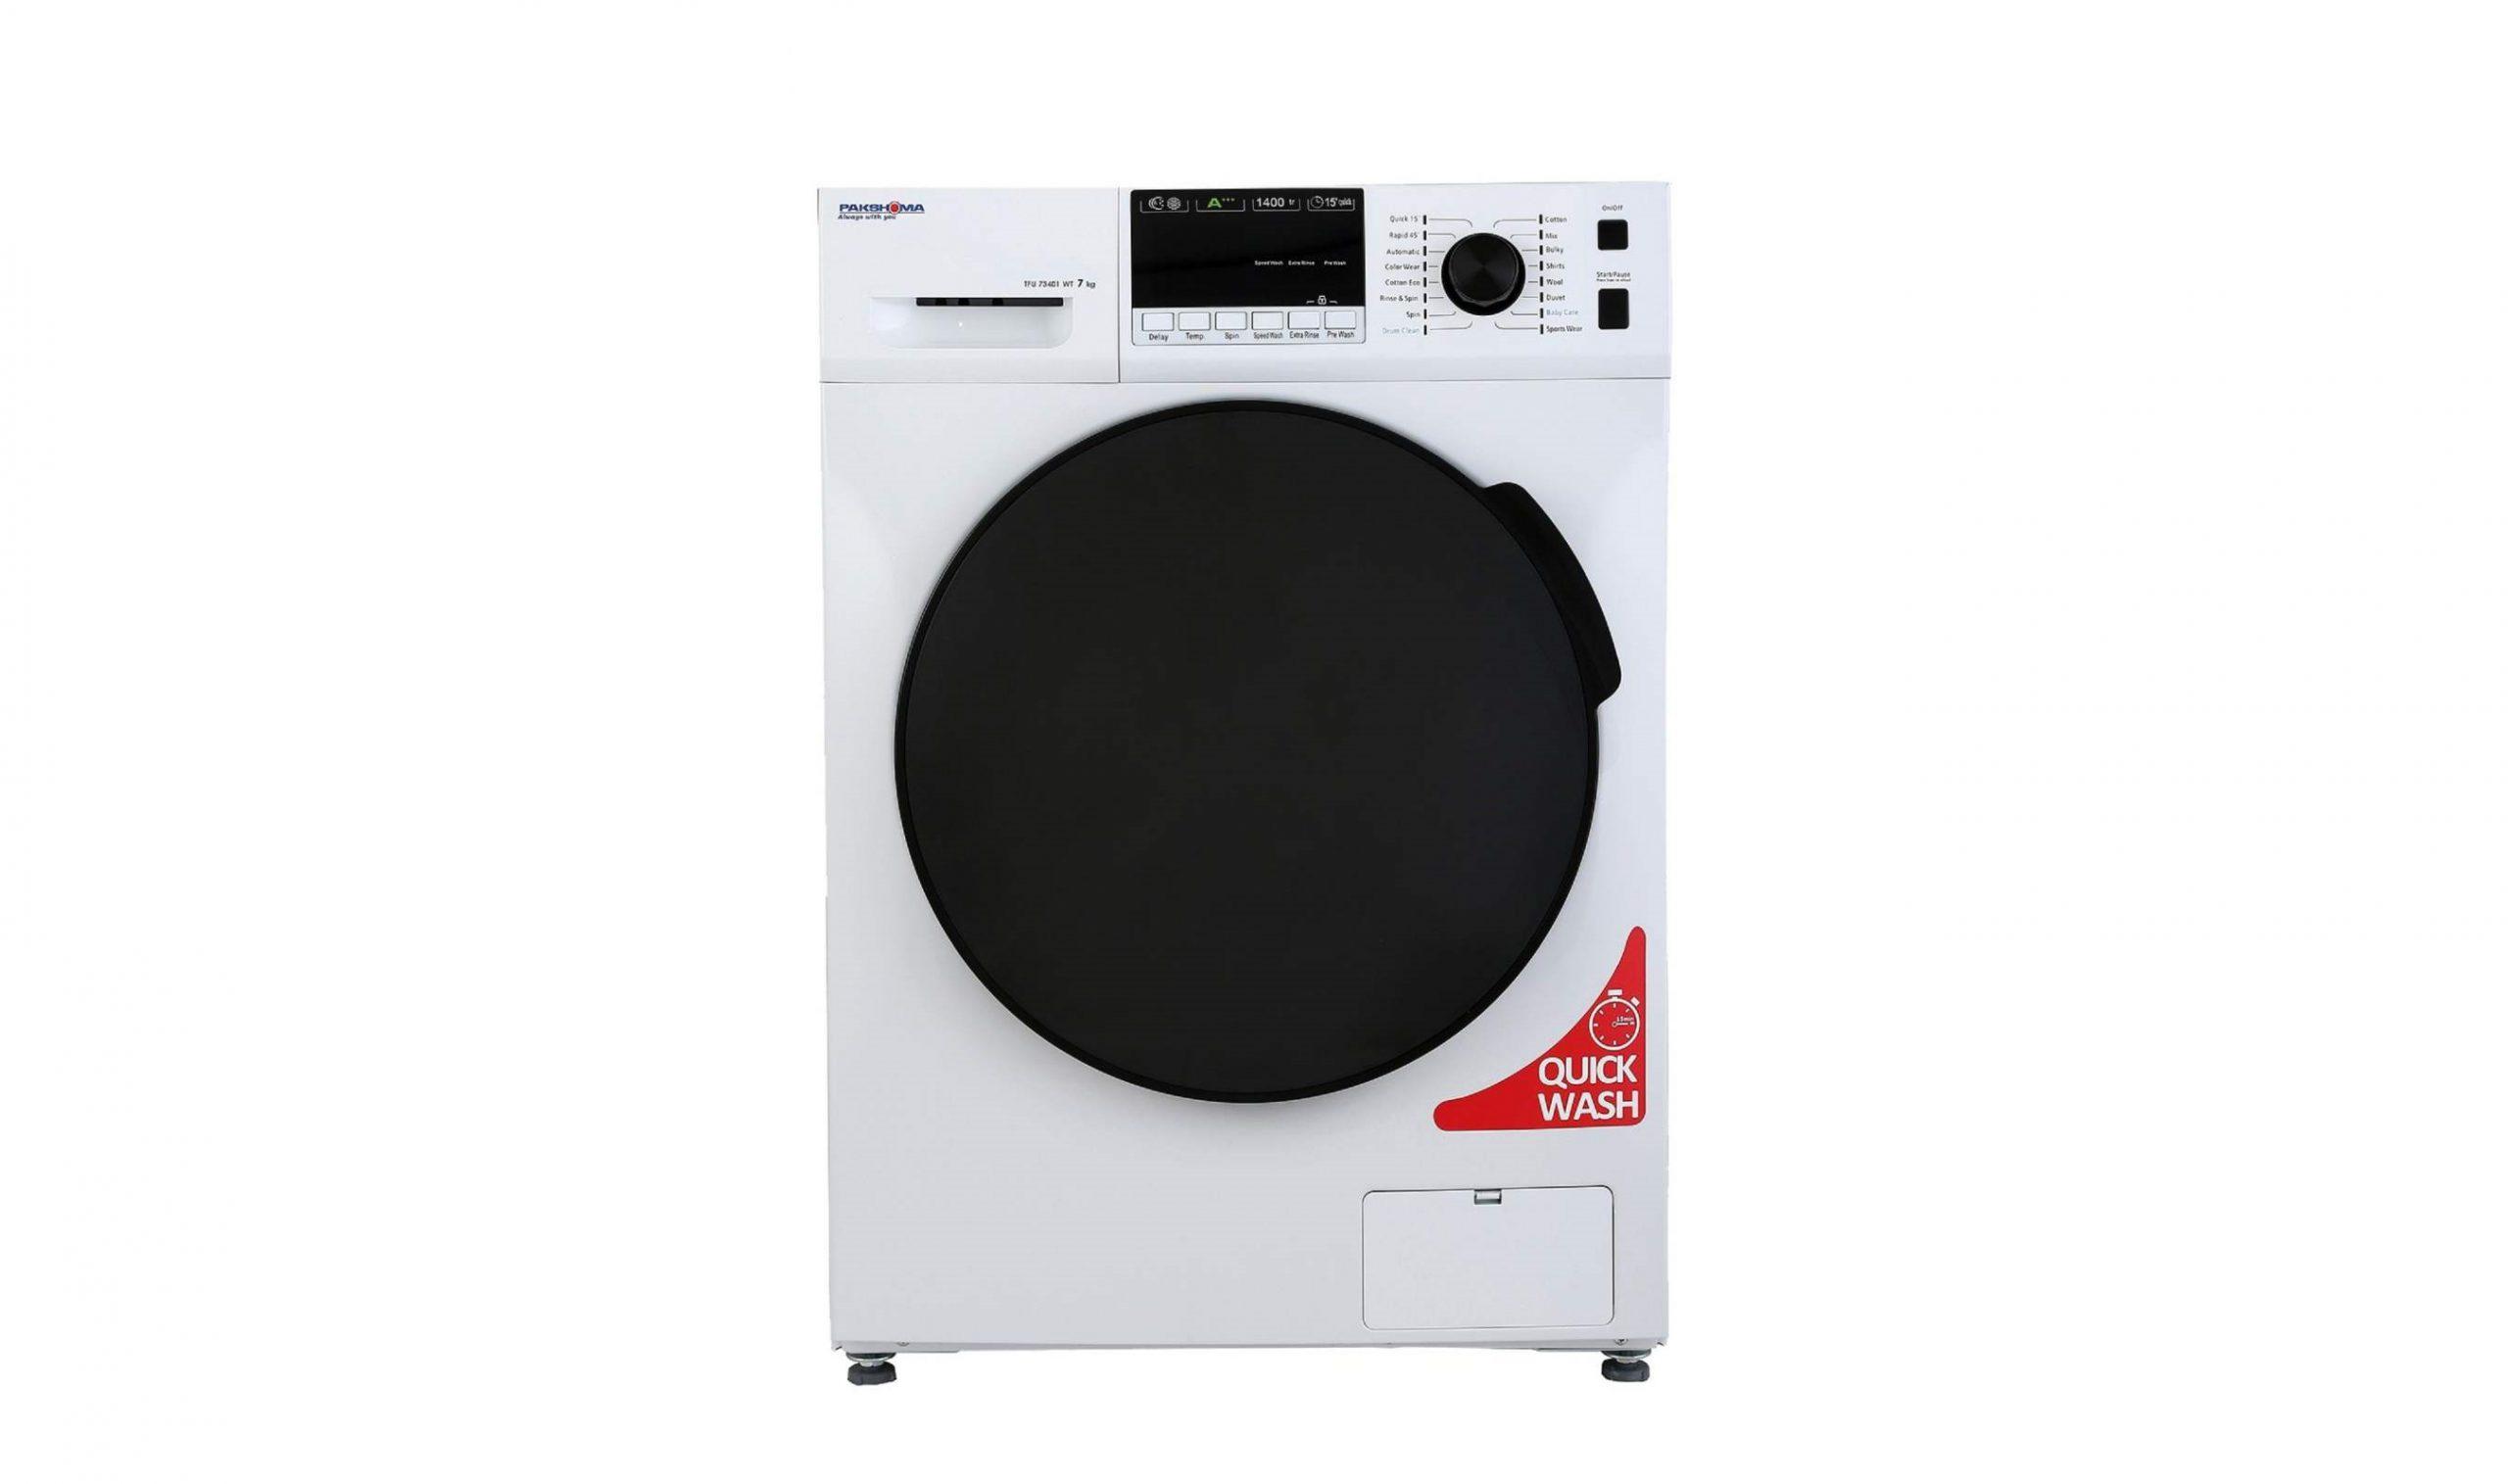 خرید ماشین لباسشویی پاکشوما مدل TFU-73401 ظرفیت 7 کیلوگرم